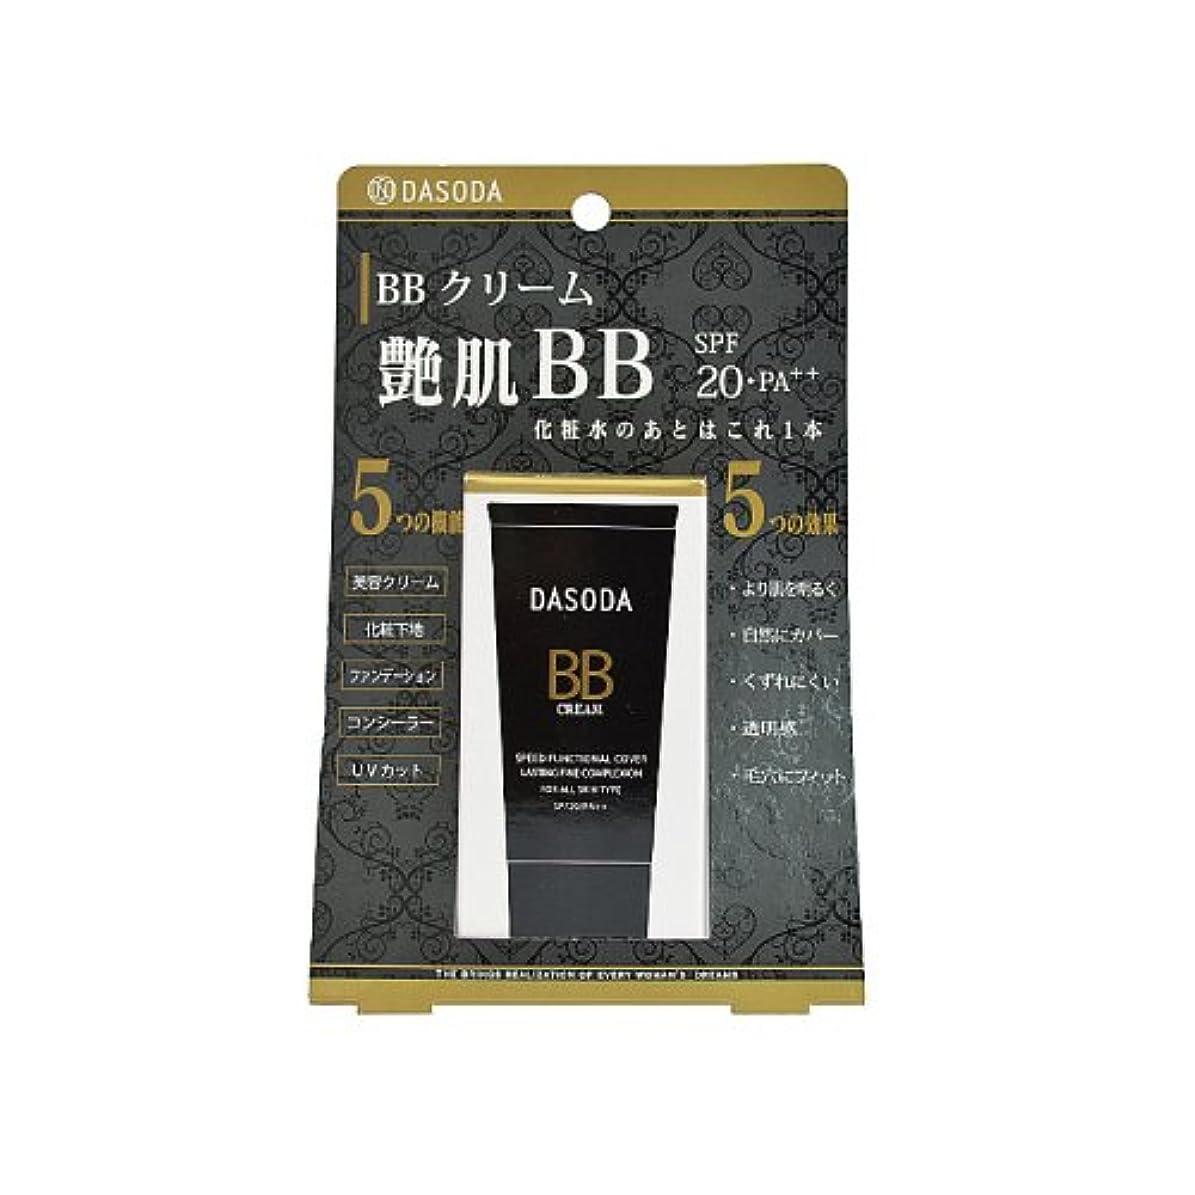 既婚分子肥満DASODA(ダソダ) FC BB クリーム